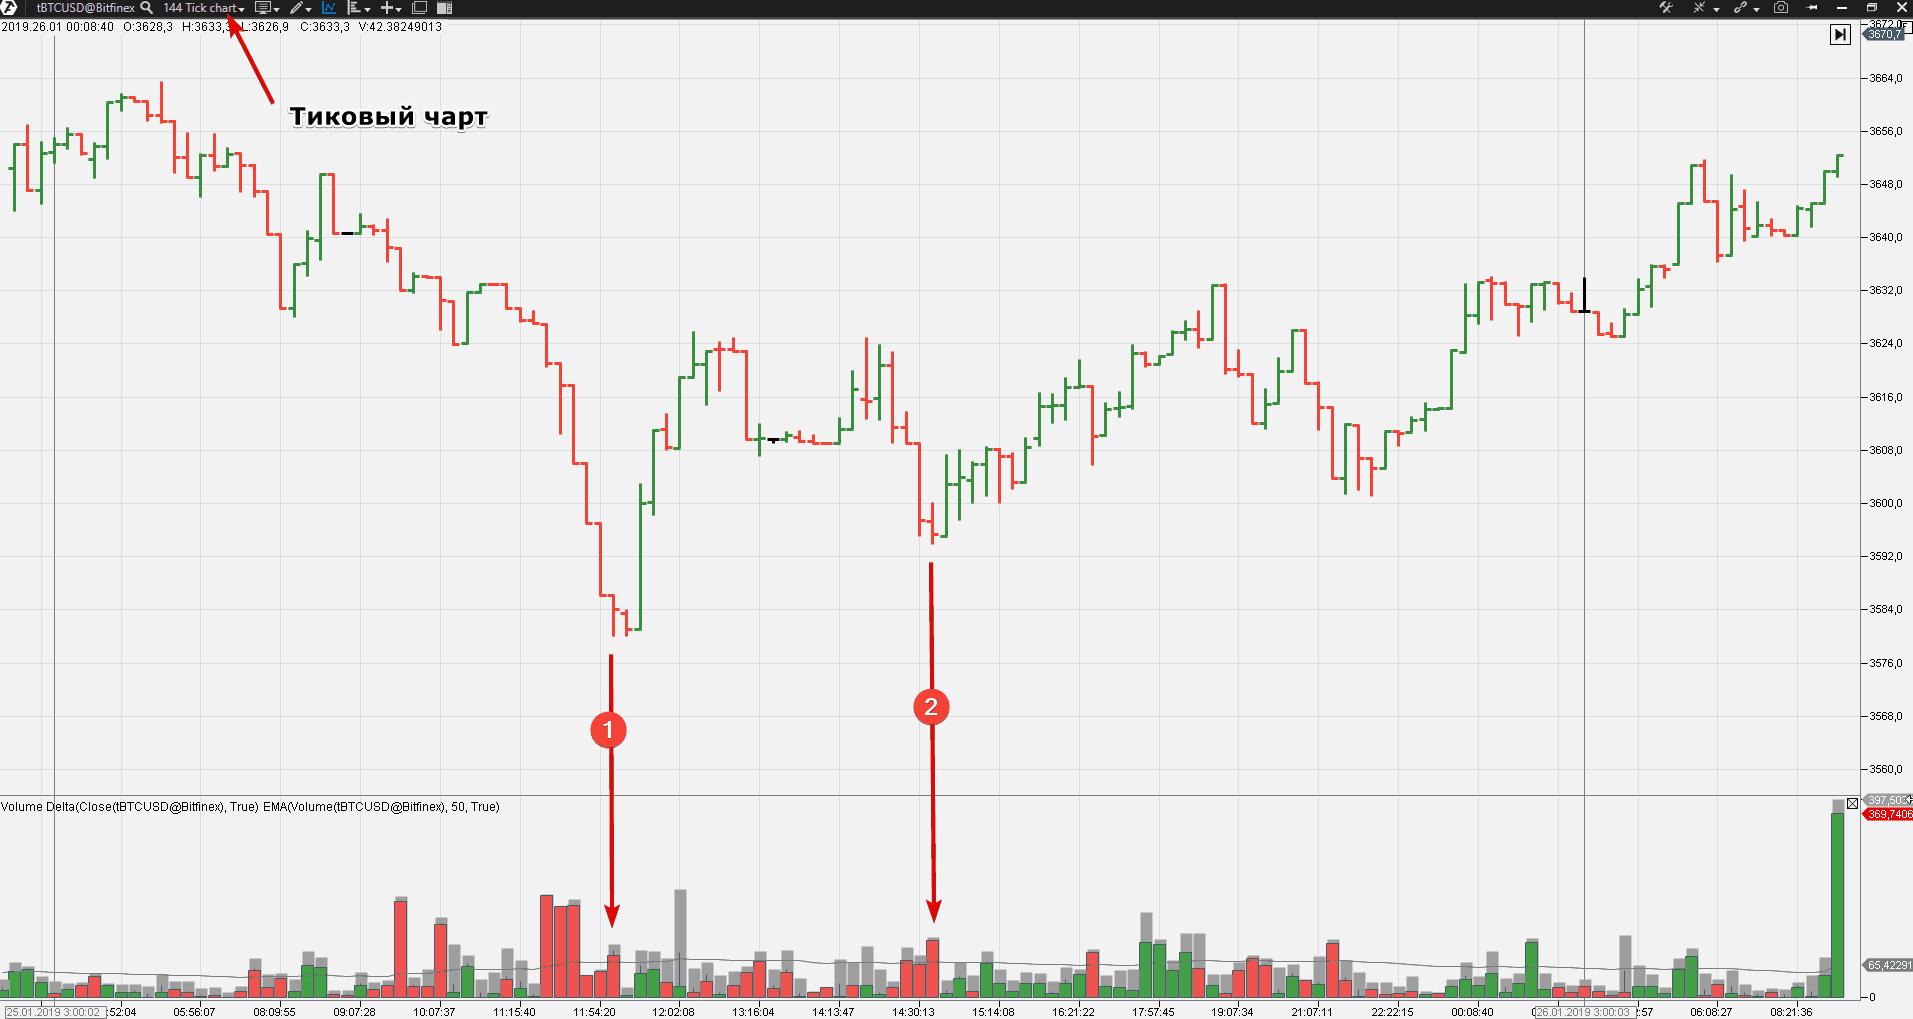 Паттерн VSA на бирже Bitfinex